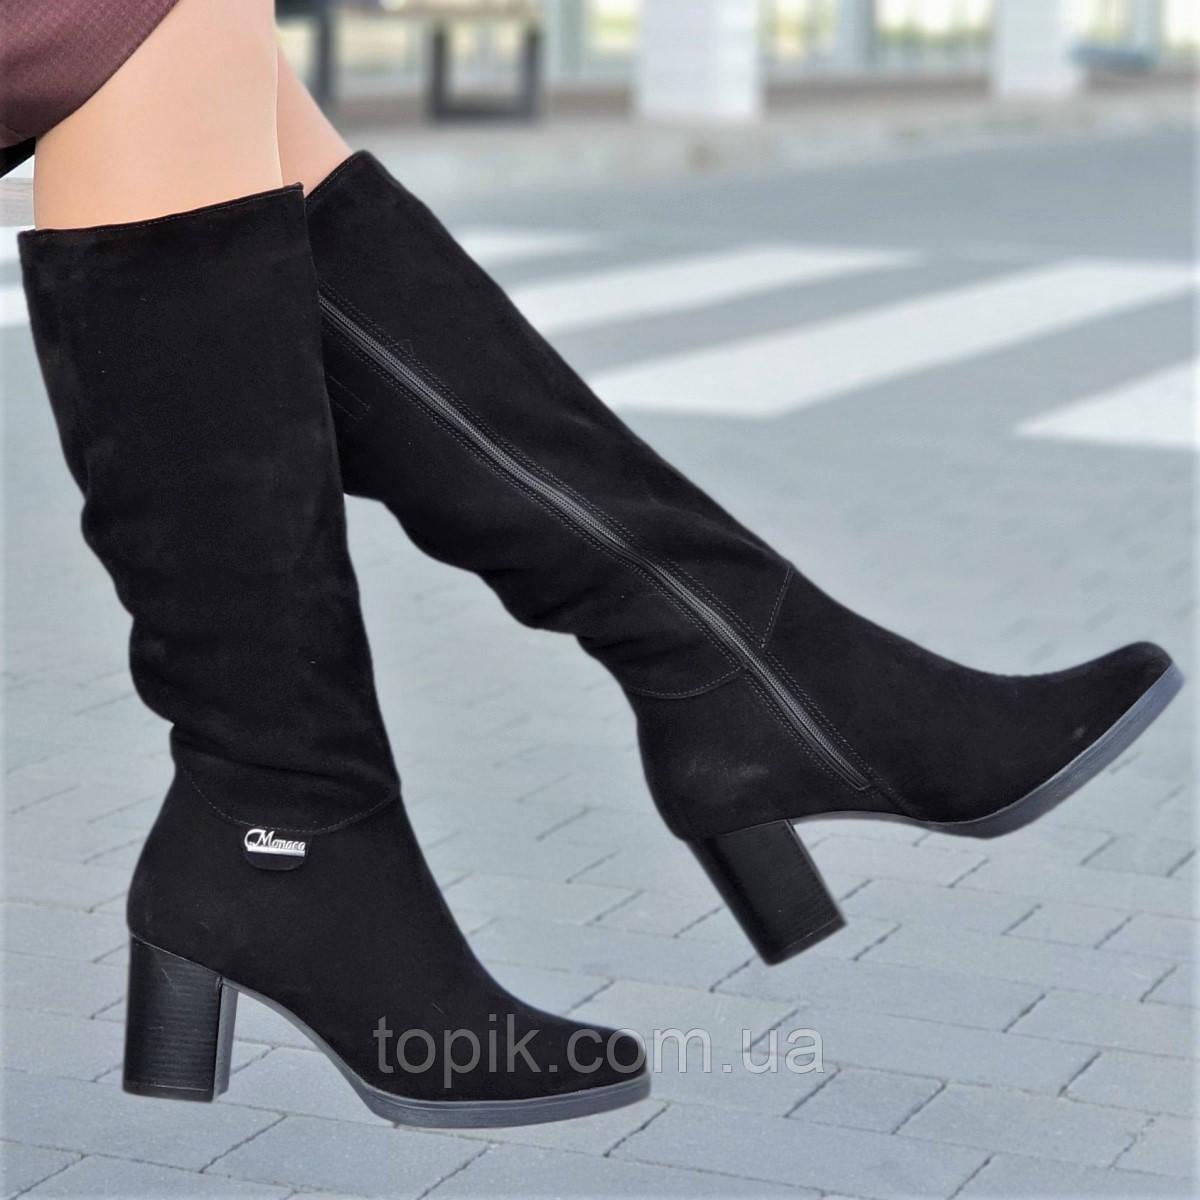 Женские зимние модельные сапоги на широком каблуке натуральная замша черные полушерсть стильные (Код: 1252)